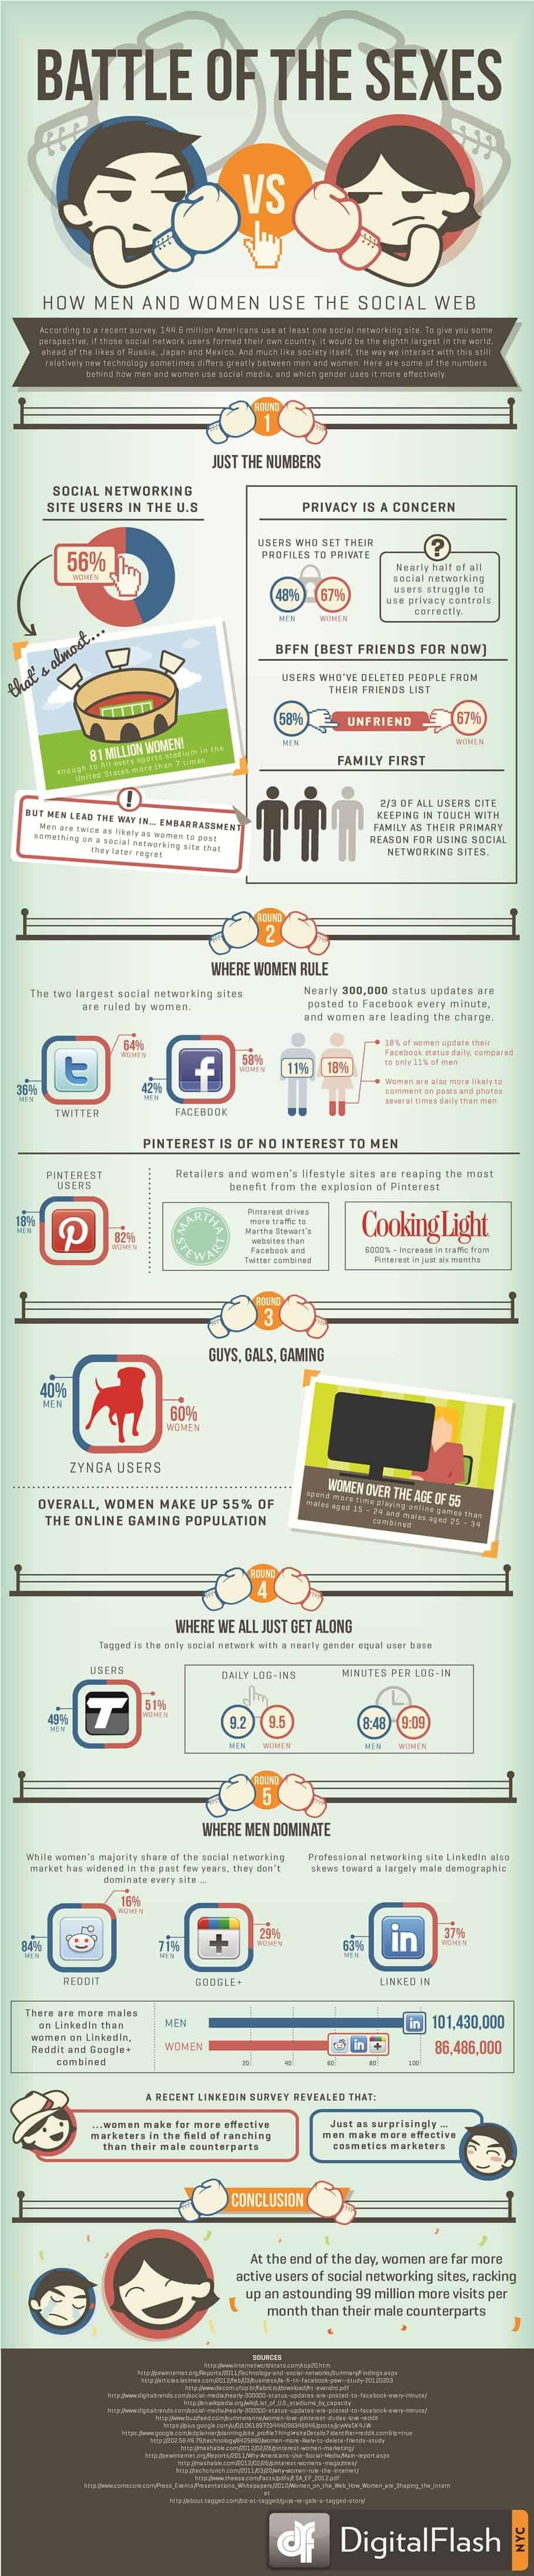 [Infographie] Guerre des sexes sur les réseaux sociaux